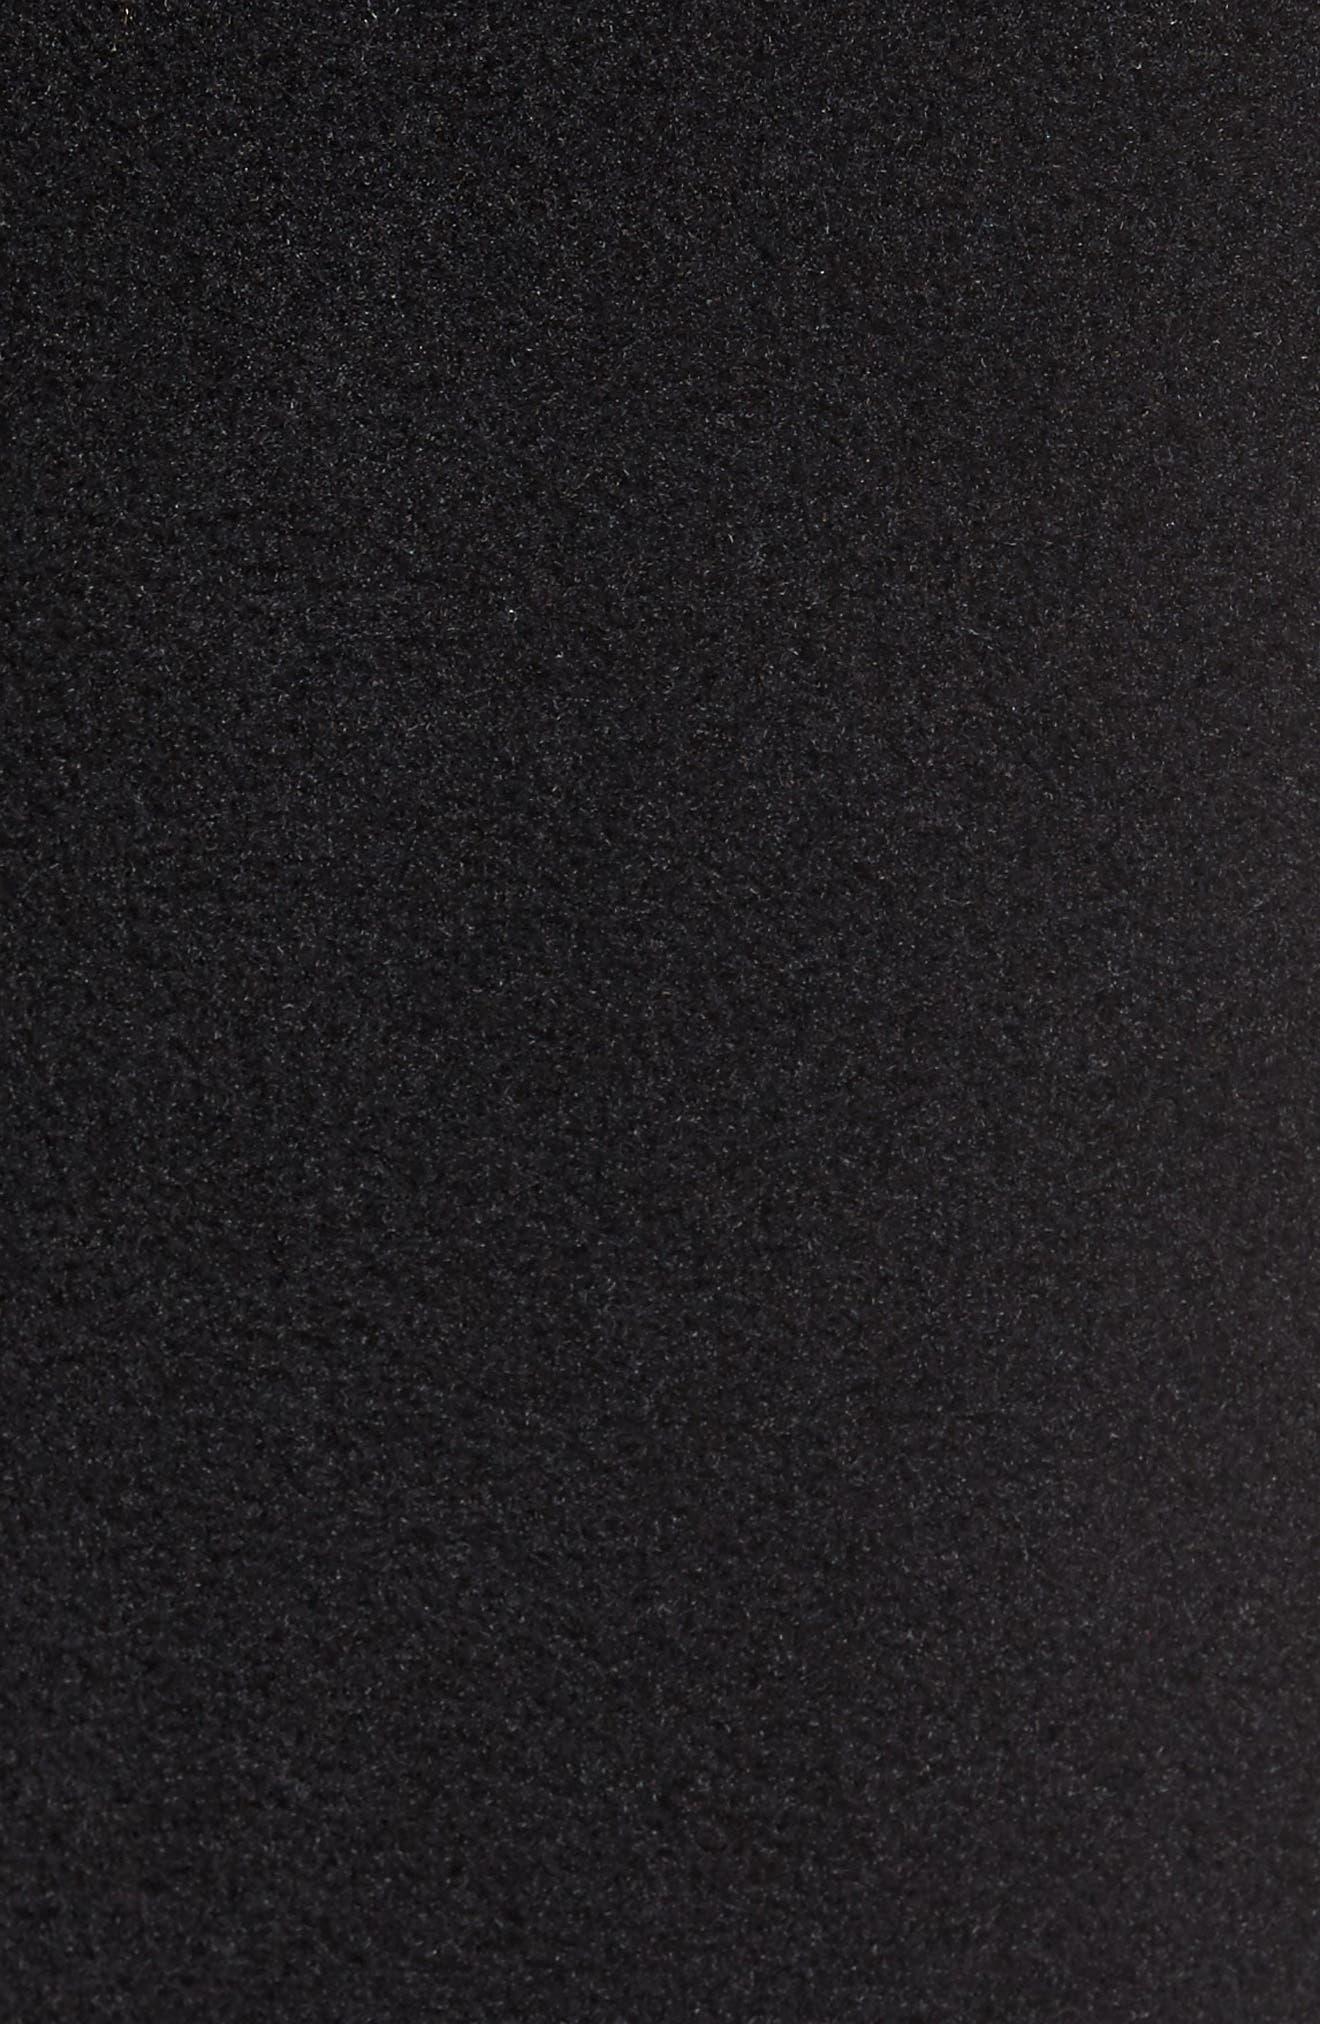 Synchilla<sup>®</sup> Fleece Pants,                             Alternate thumbnail 5, color,                             001